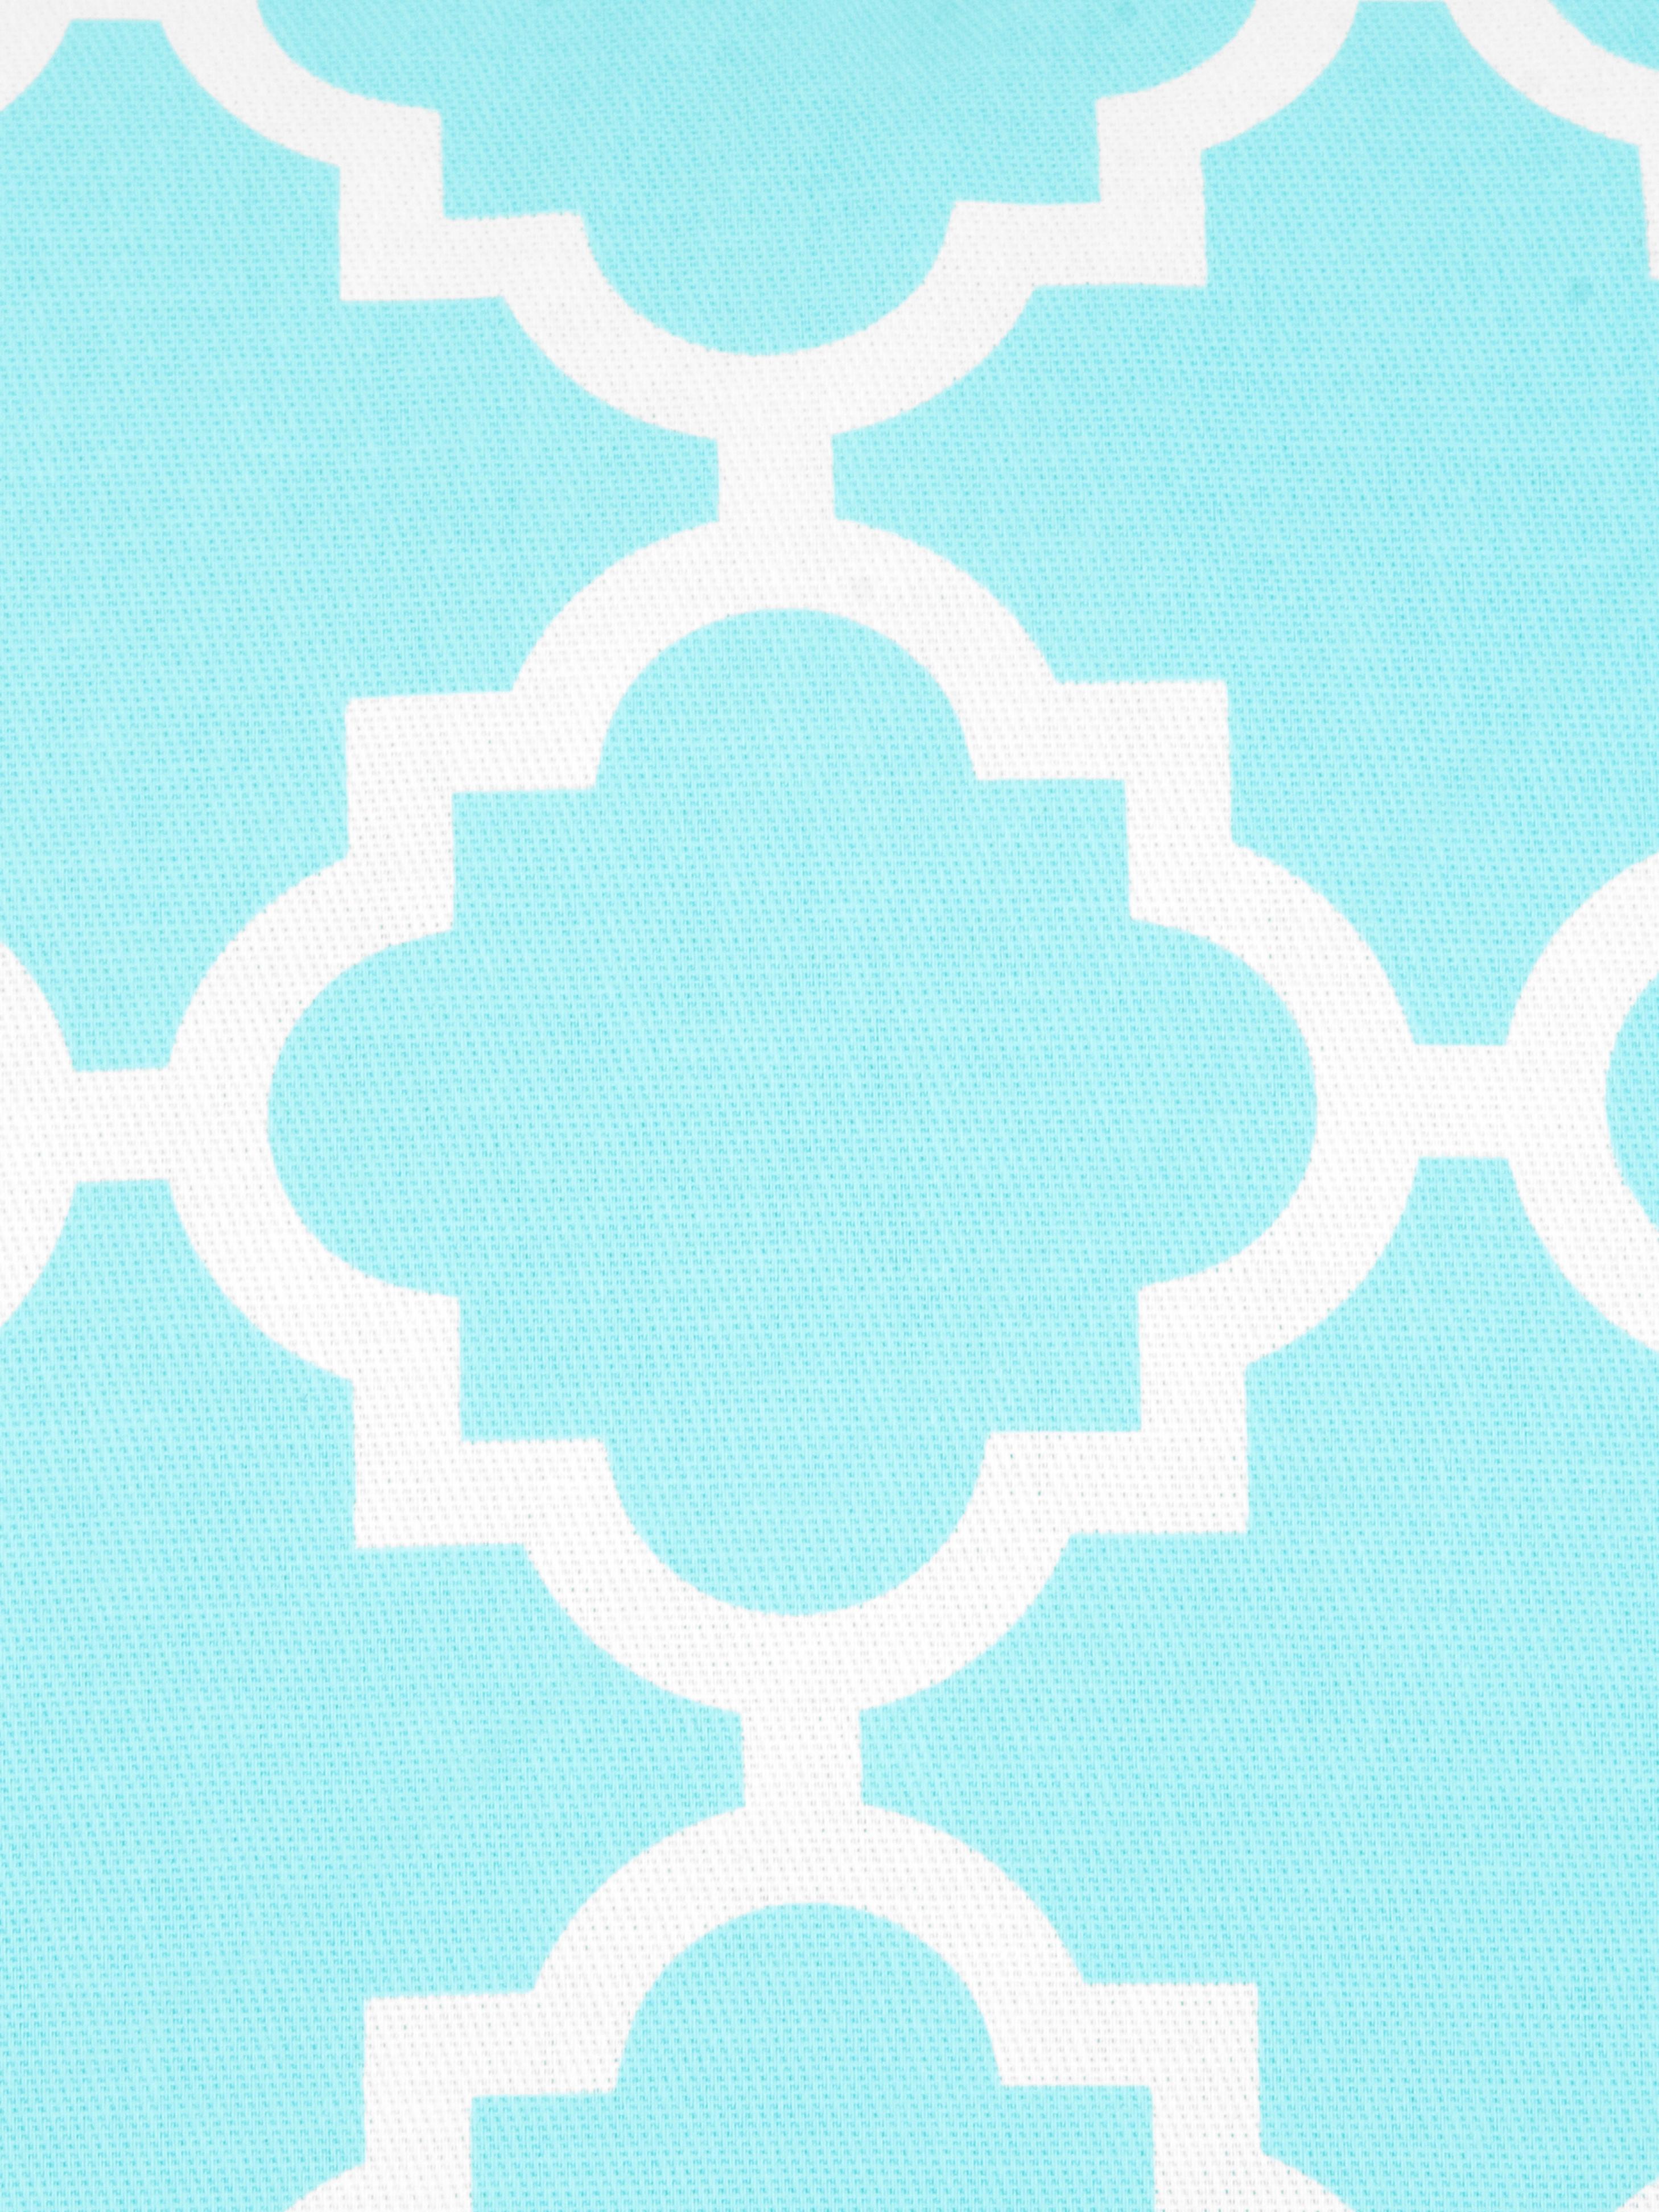 Kissenhülle Lana mit grafischem Muster, 100% Baumwolle, Türkis, Weiß, 30 x 50 cm